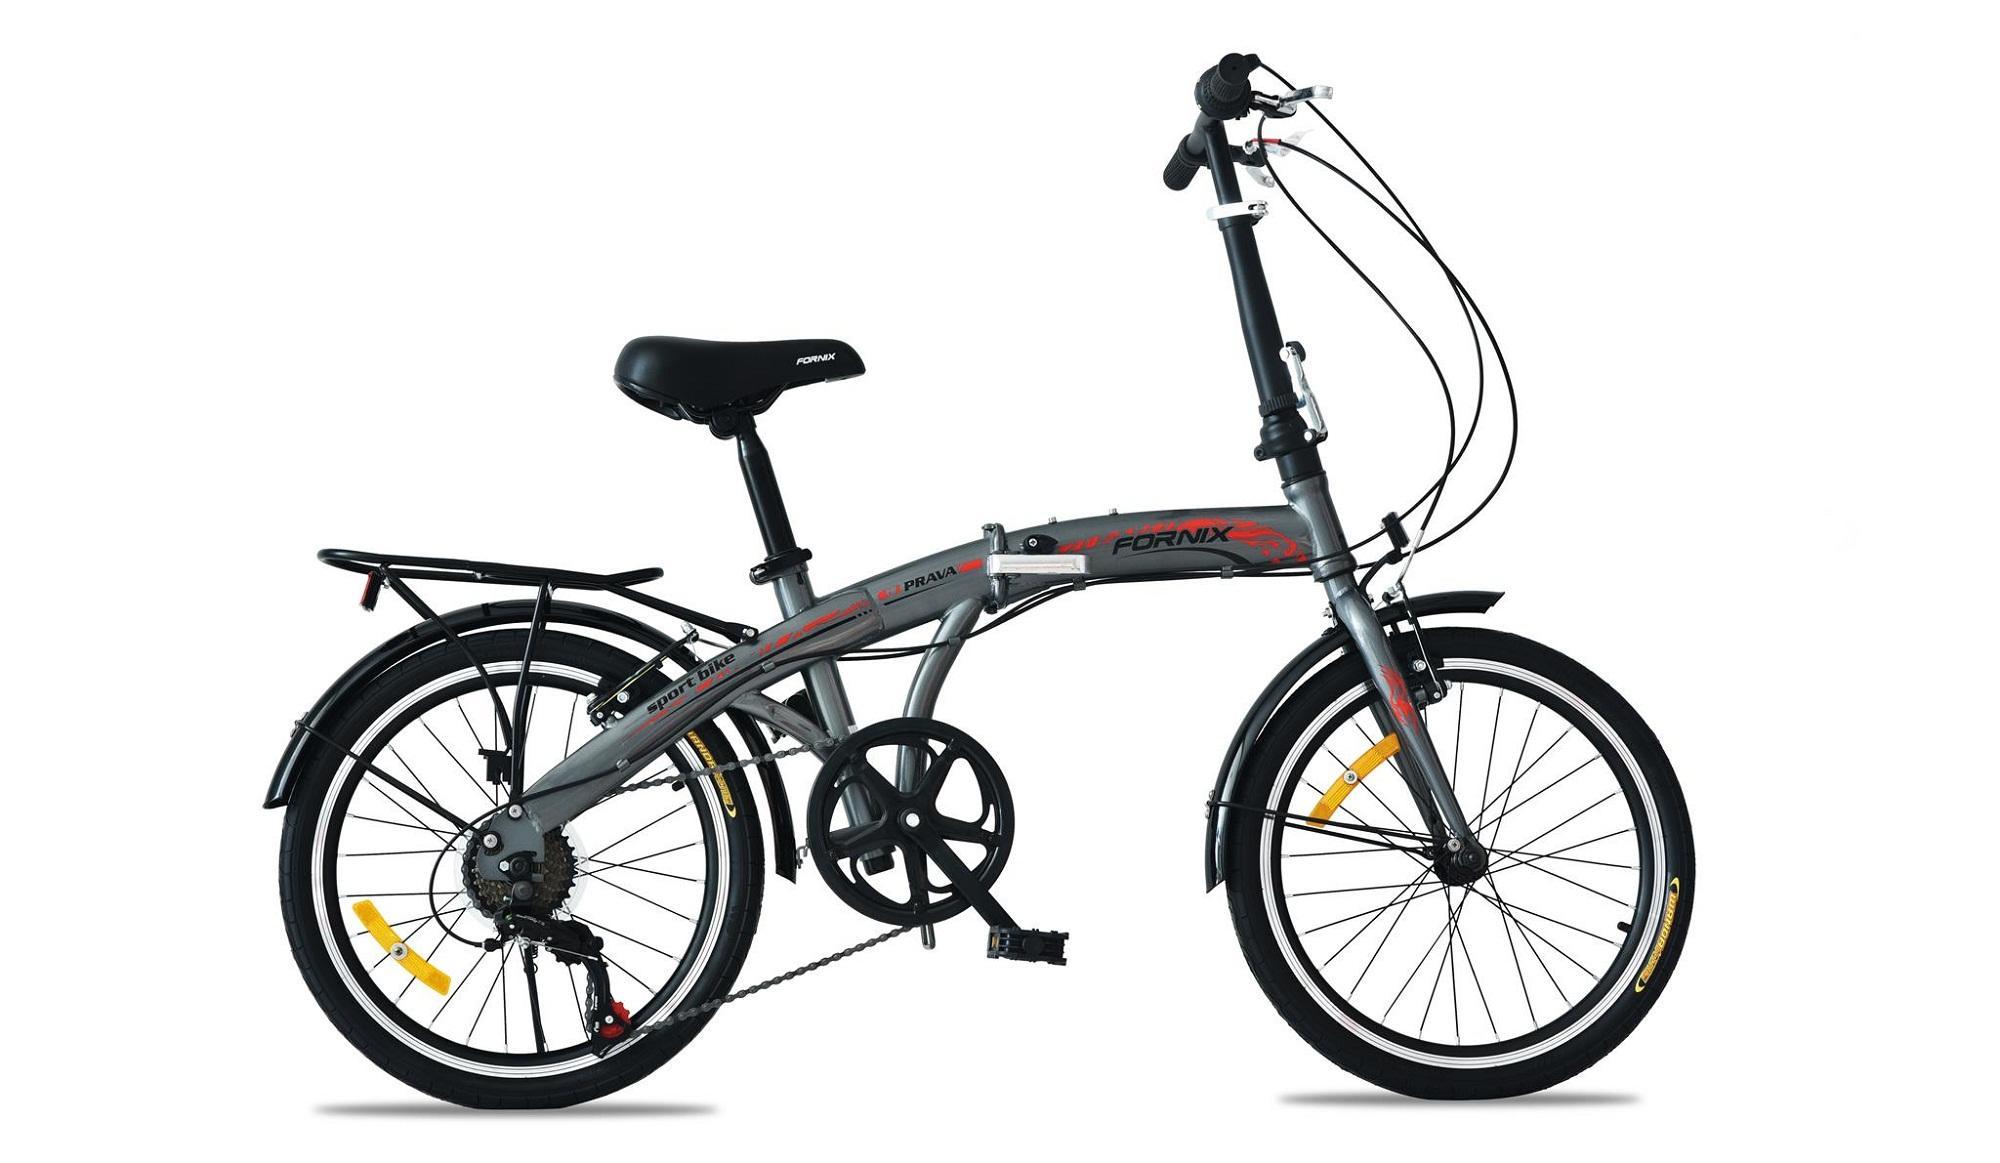 Xe đạp gấp hiệu FORNIX, mã PRAVA  (XÁM ĐEN)